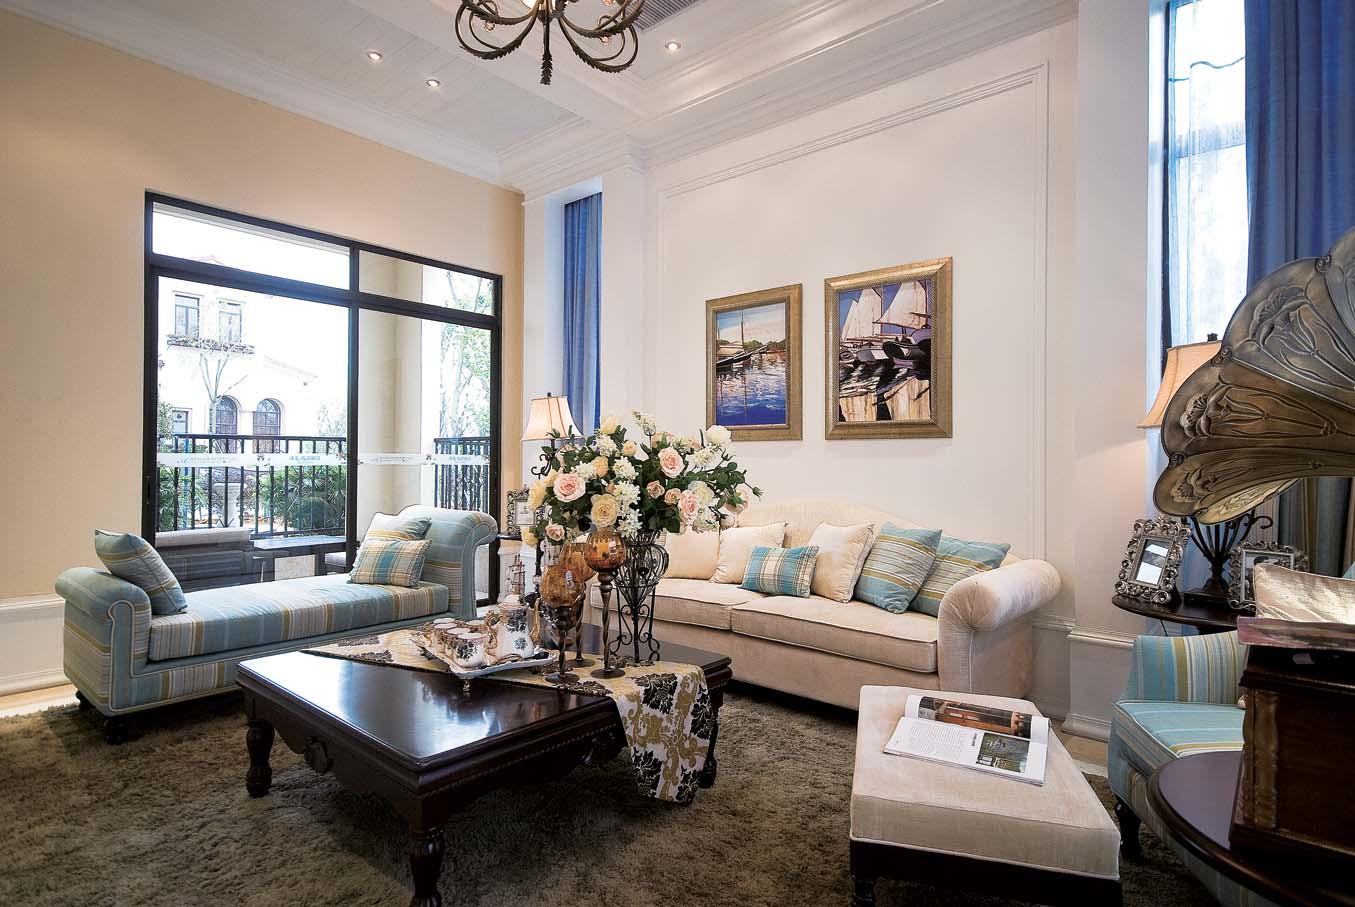 客厅图片来自成都家和装饰在花园别墅的分享